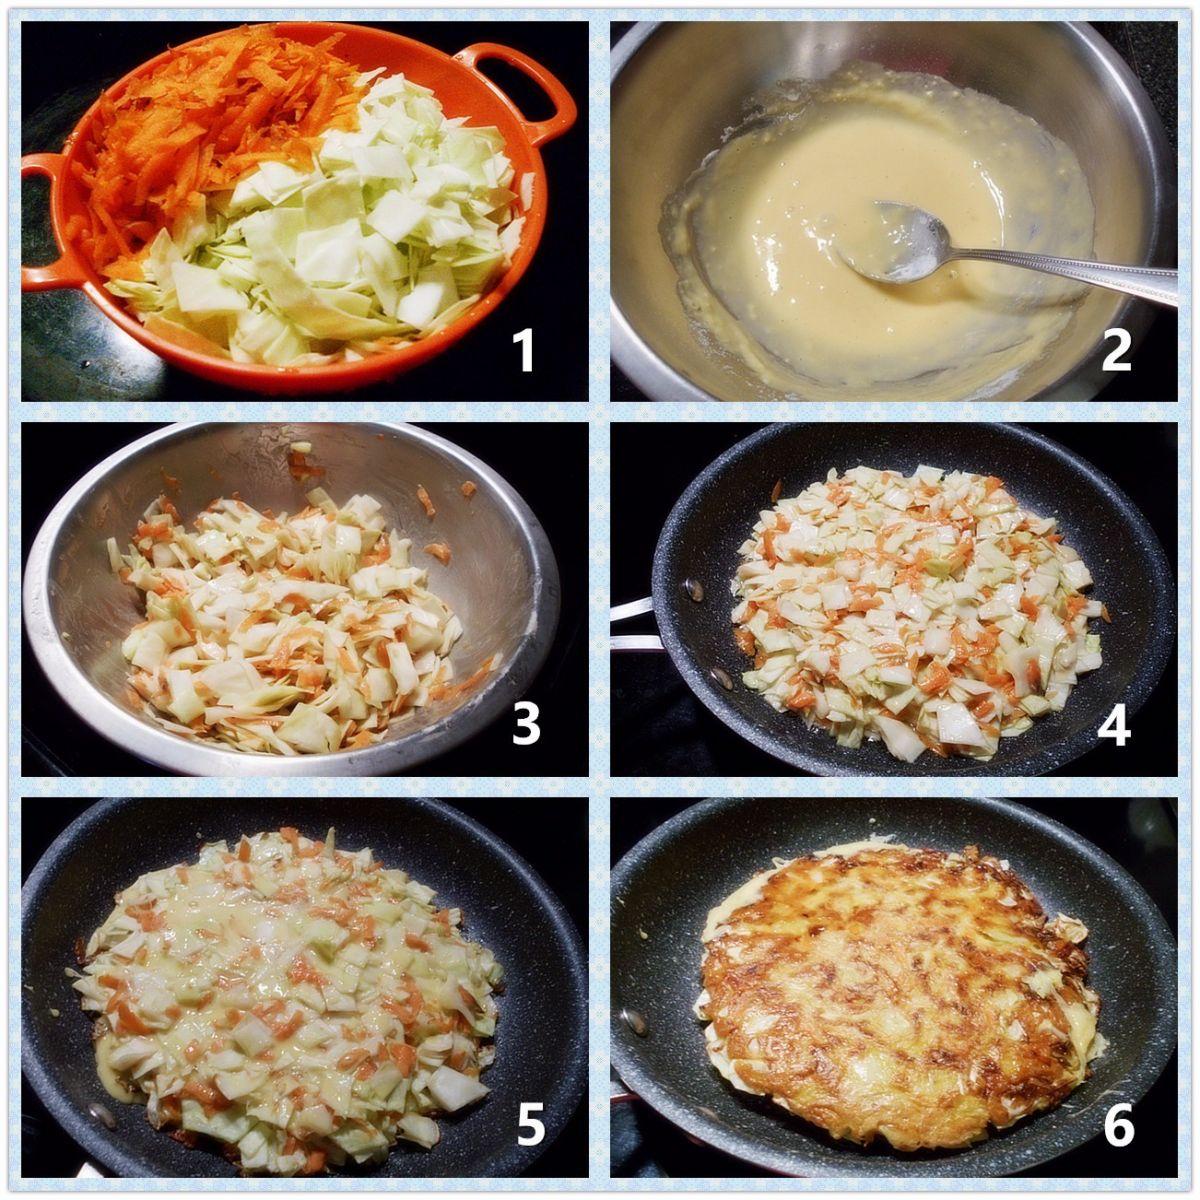 椰菜蛋饼_图1-2